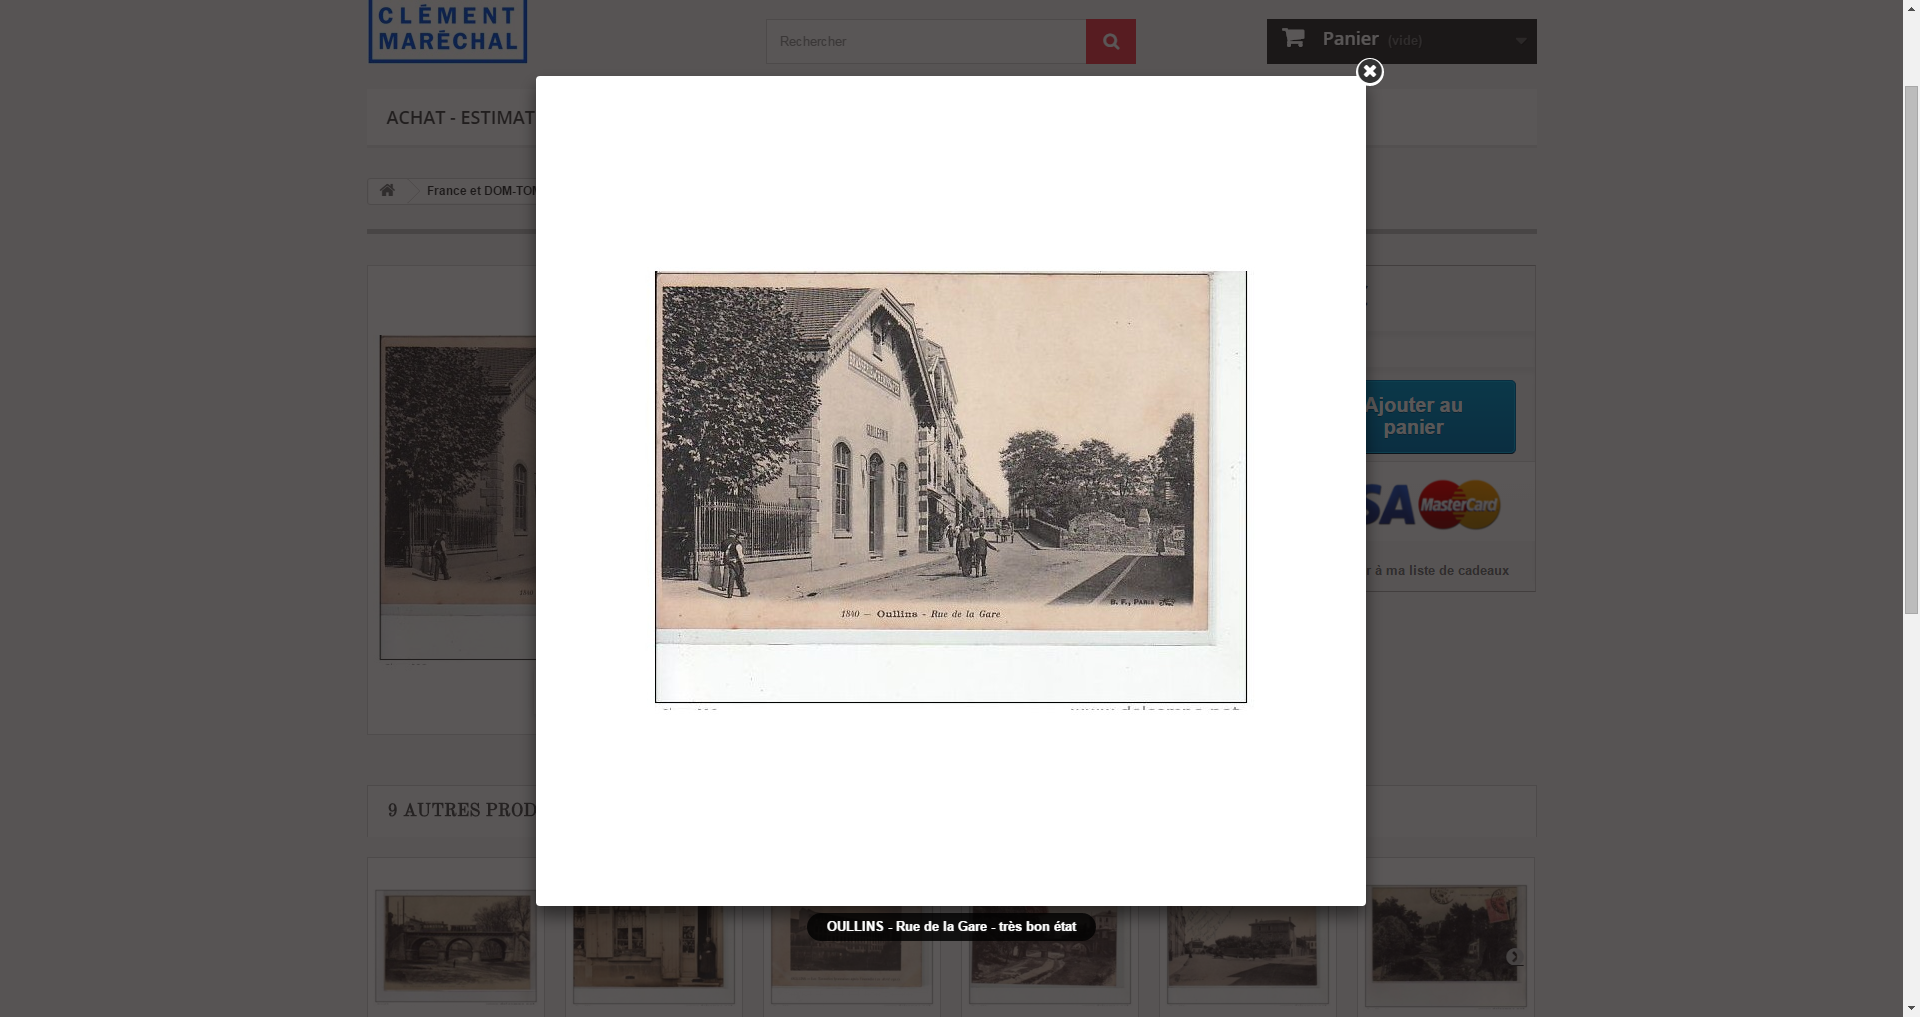 OULLINS - Rue de la Gare - très bon état   Cartes postales anciennes, Magasin en ligne et Rue